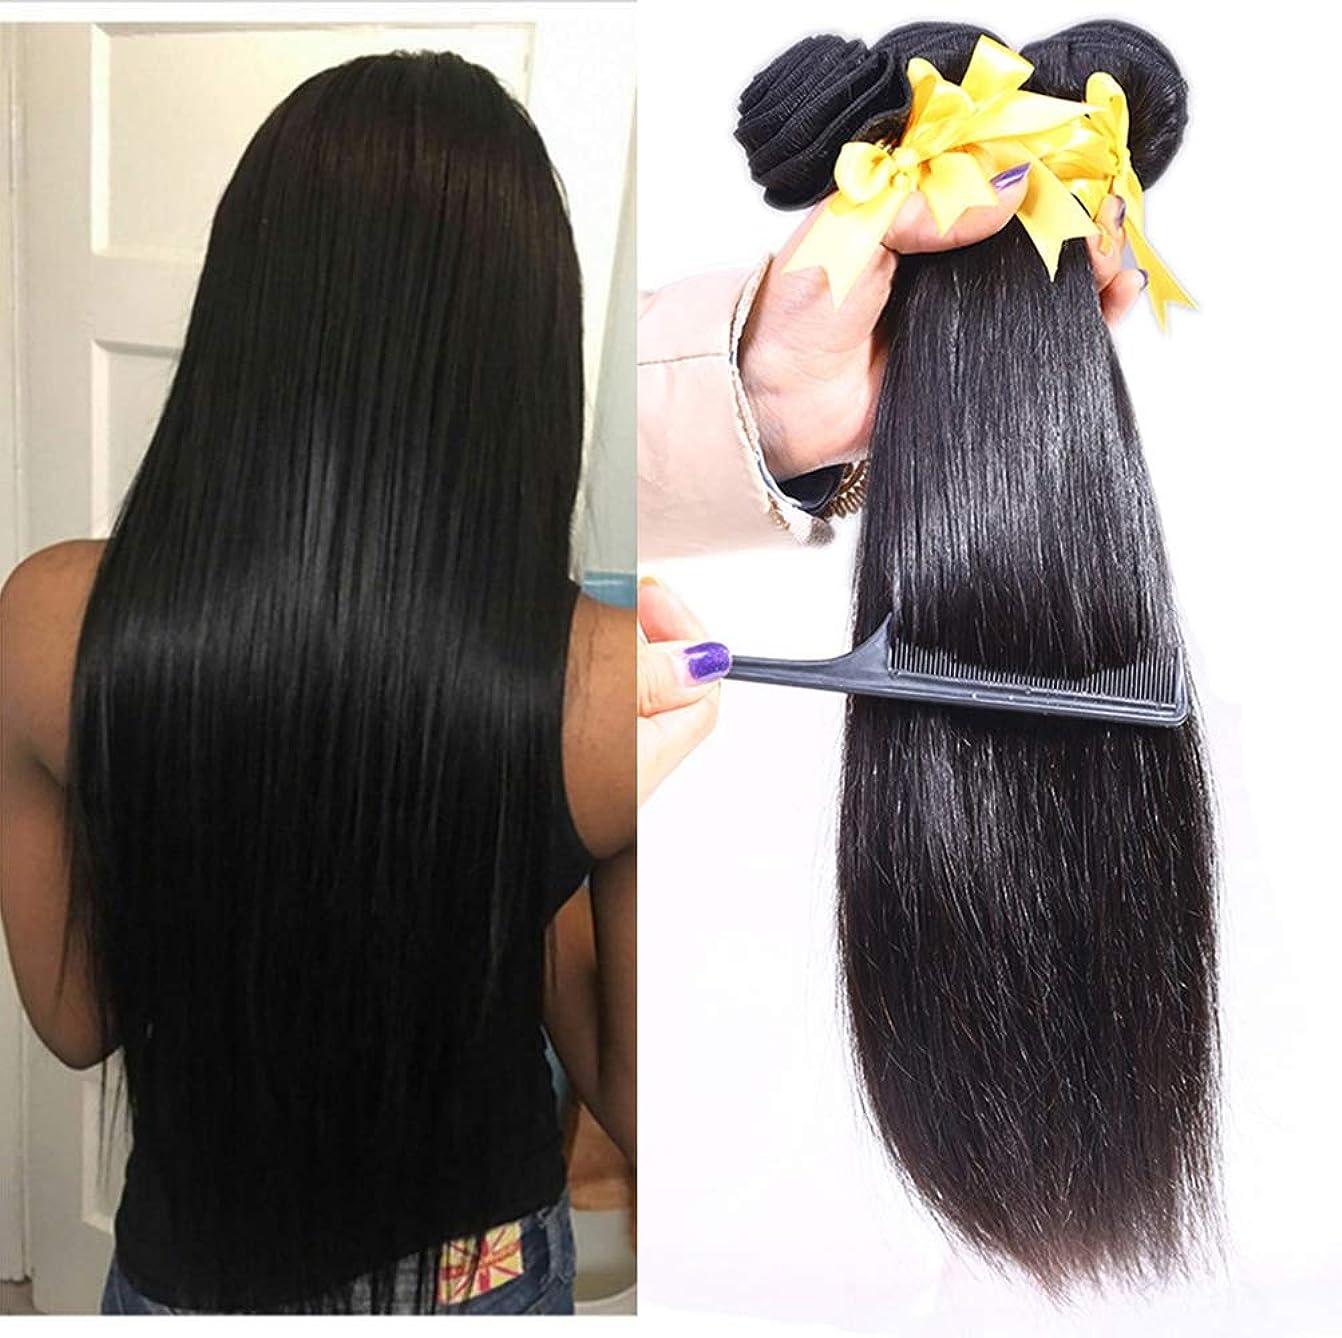 廃止する小さい悲しい女性150%密度バージンヘア1バンドルストレートヘア100%未処理の本物の人間の髪横糸ストレートヘアバンドル